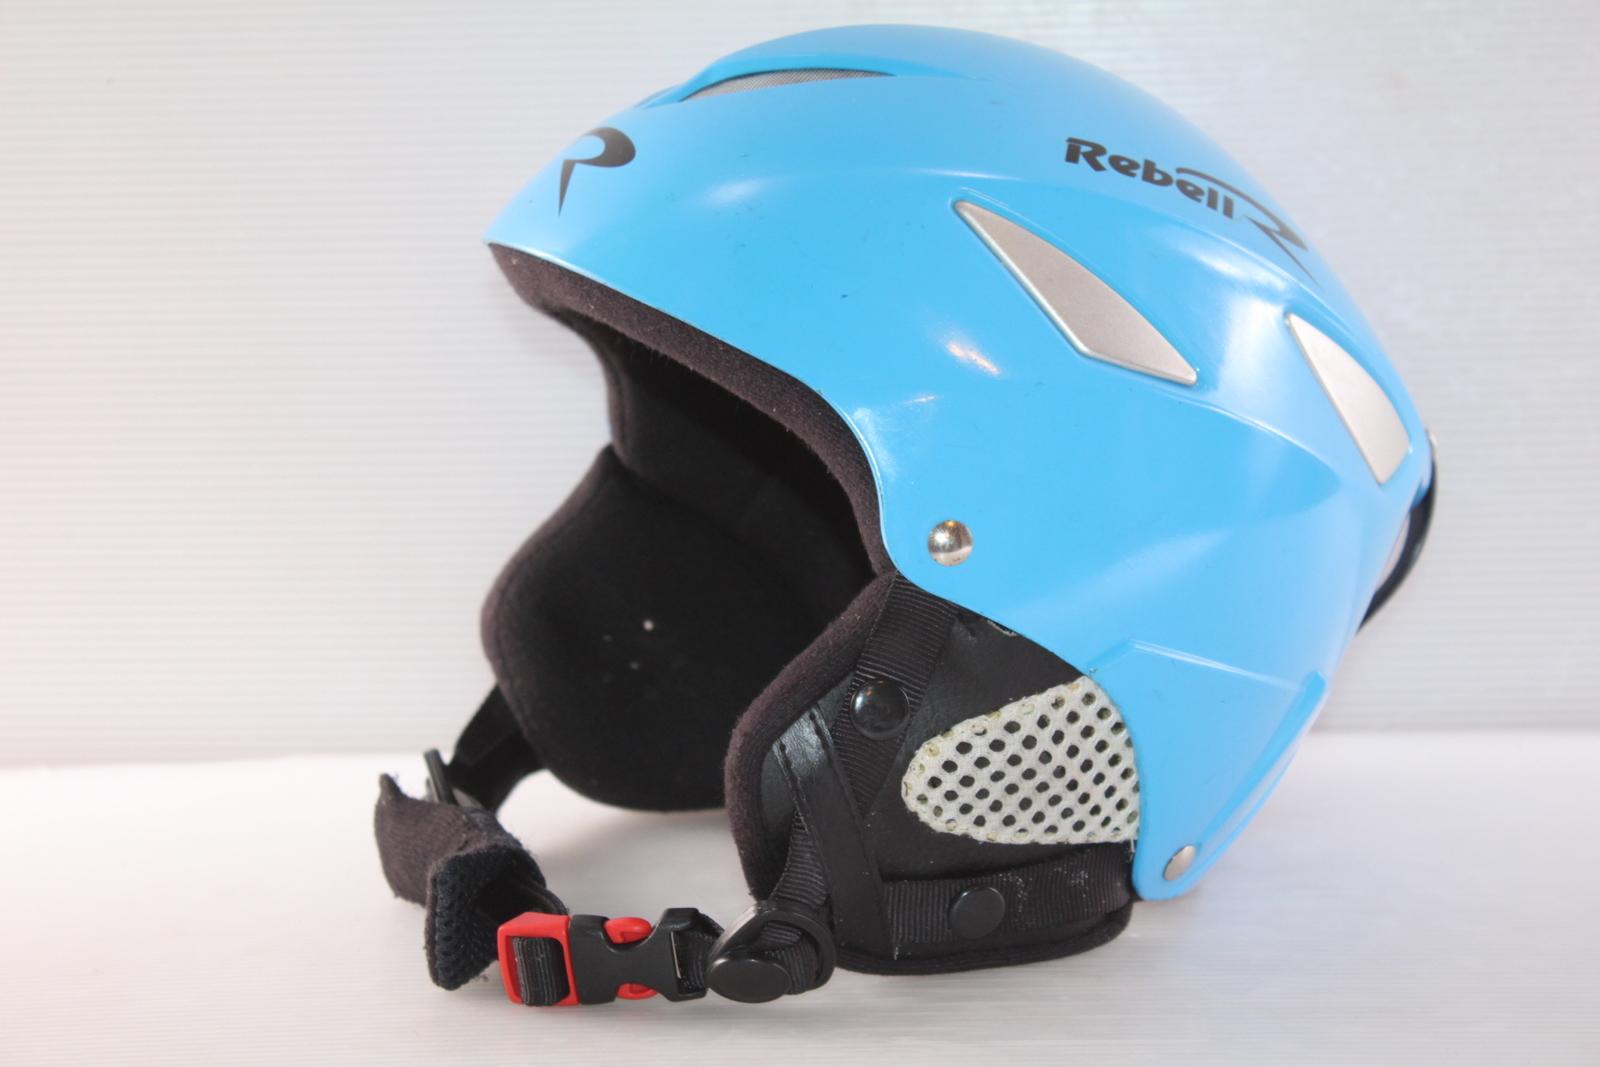 Dětská lyžařská helma Rebel Rebell vel. 56